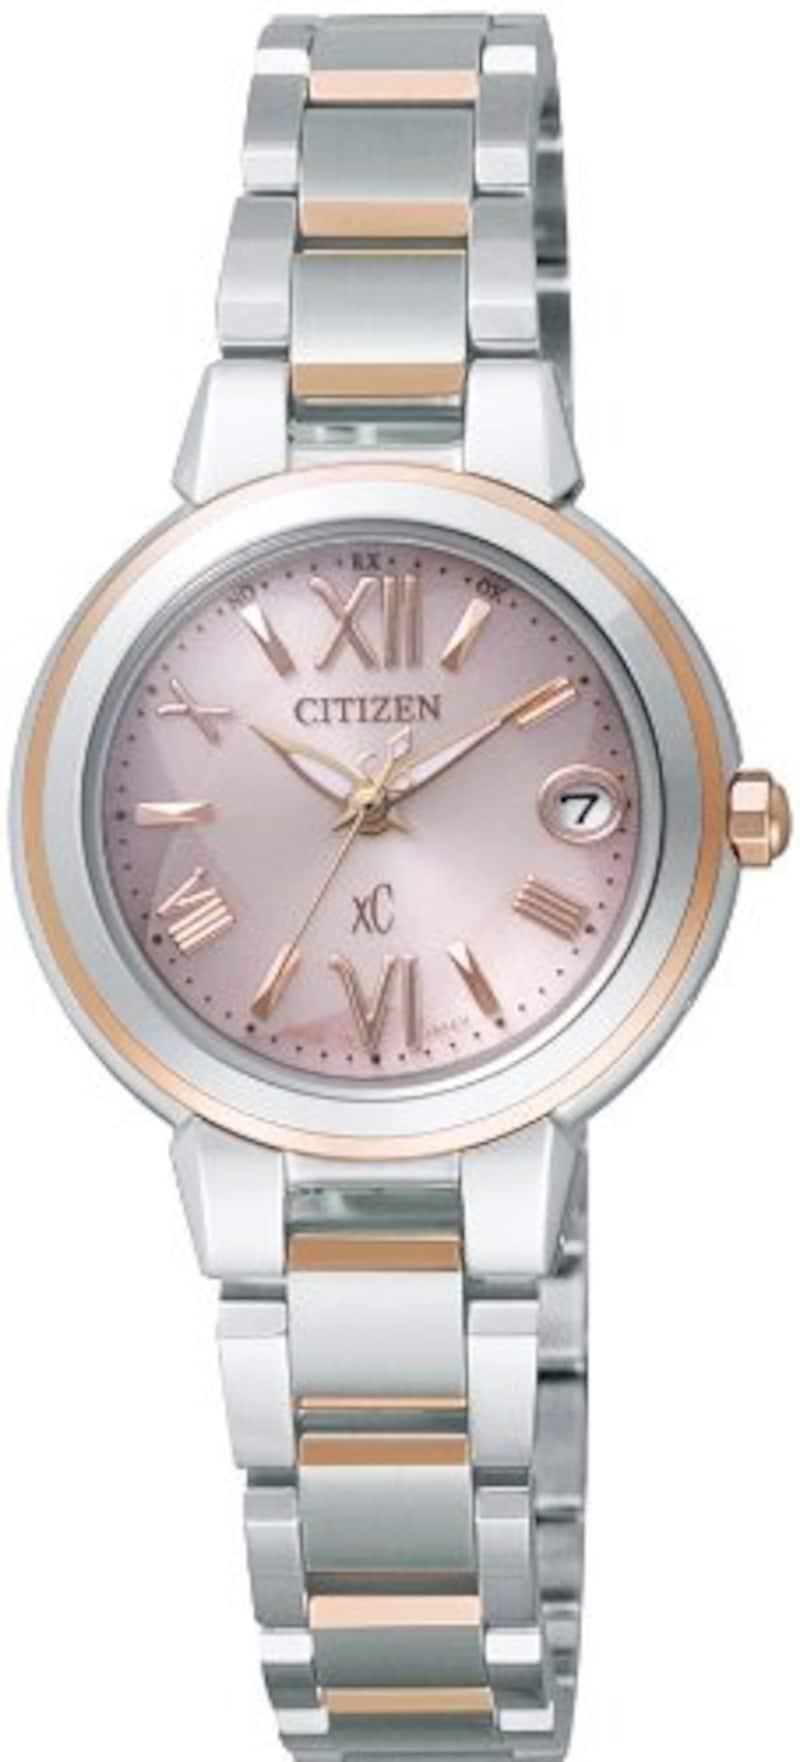 CITIZEN 腕時計 xC クロスシー